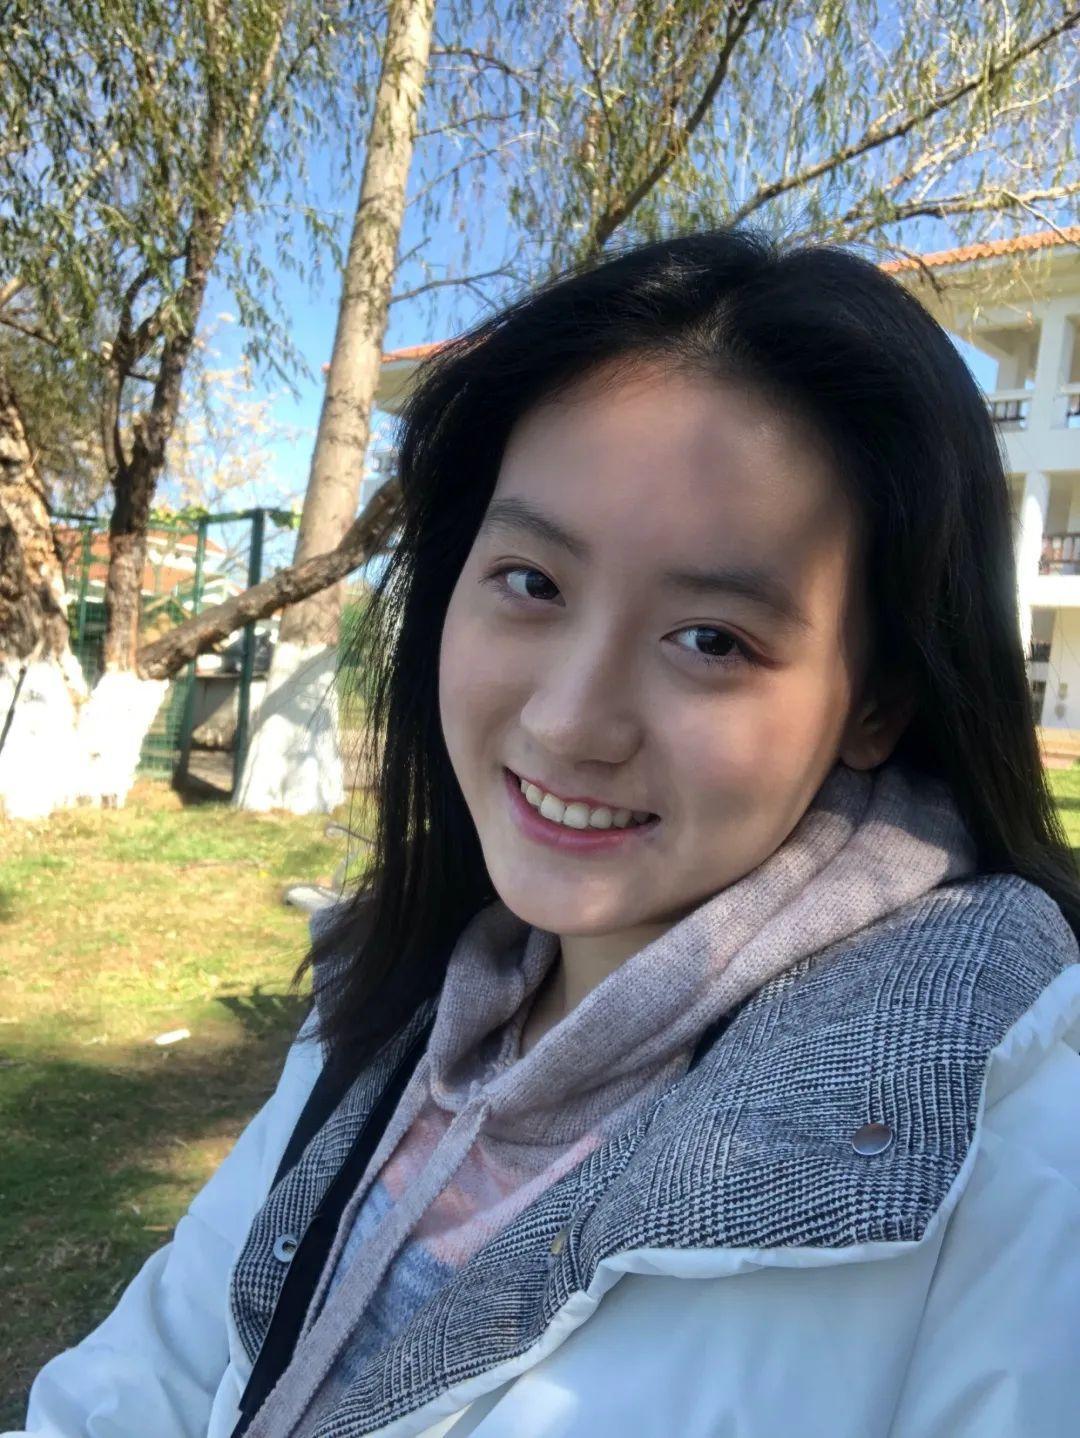 访谈|深国交2020 程珮雯: 一个生物迷的剑桥梦,就这样实现了  深国交 学在国交 深圳国际交流学院 深国交优秀学生 第10张